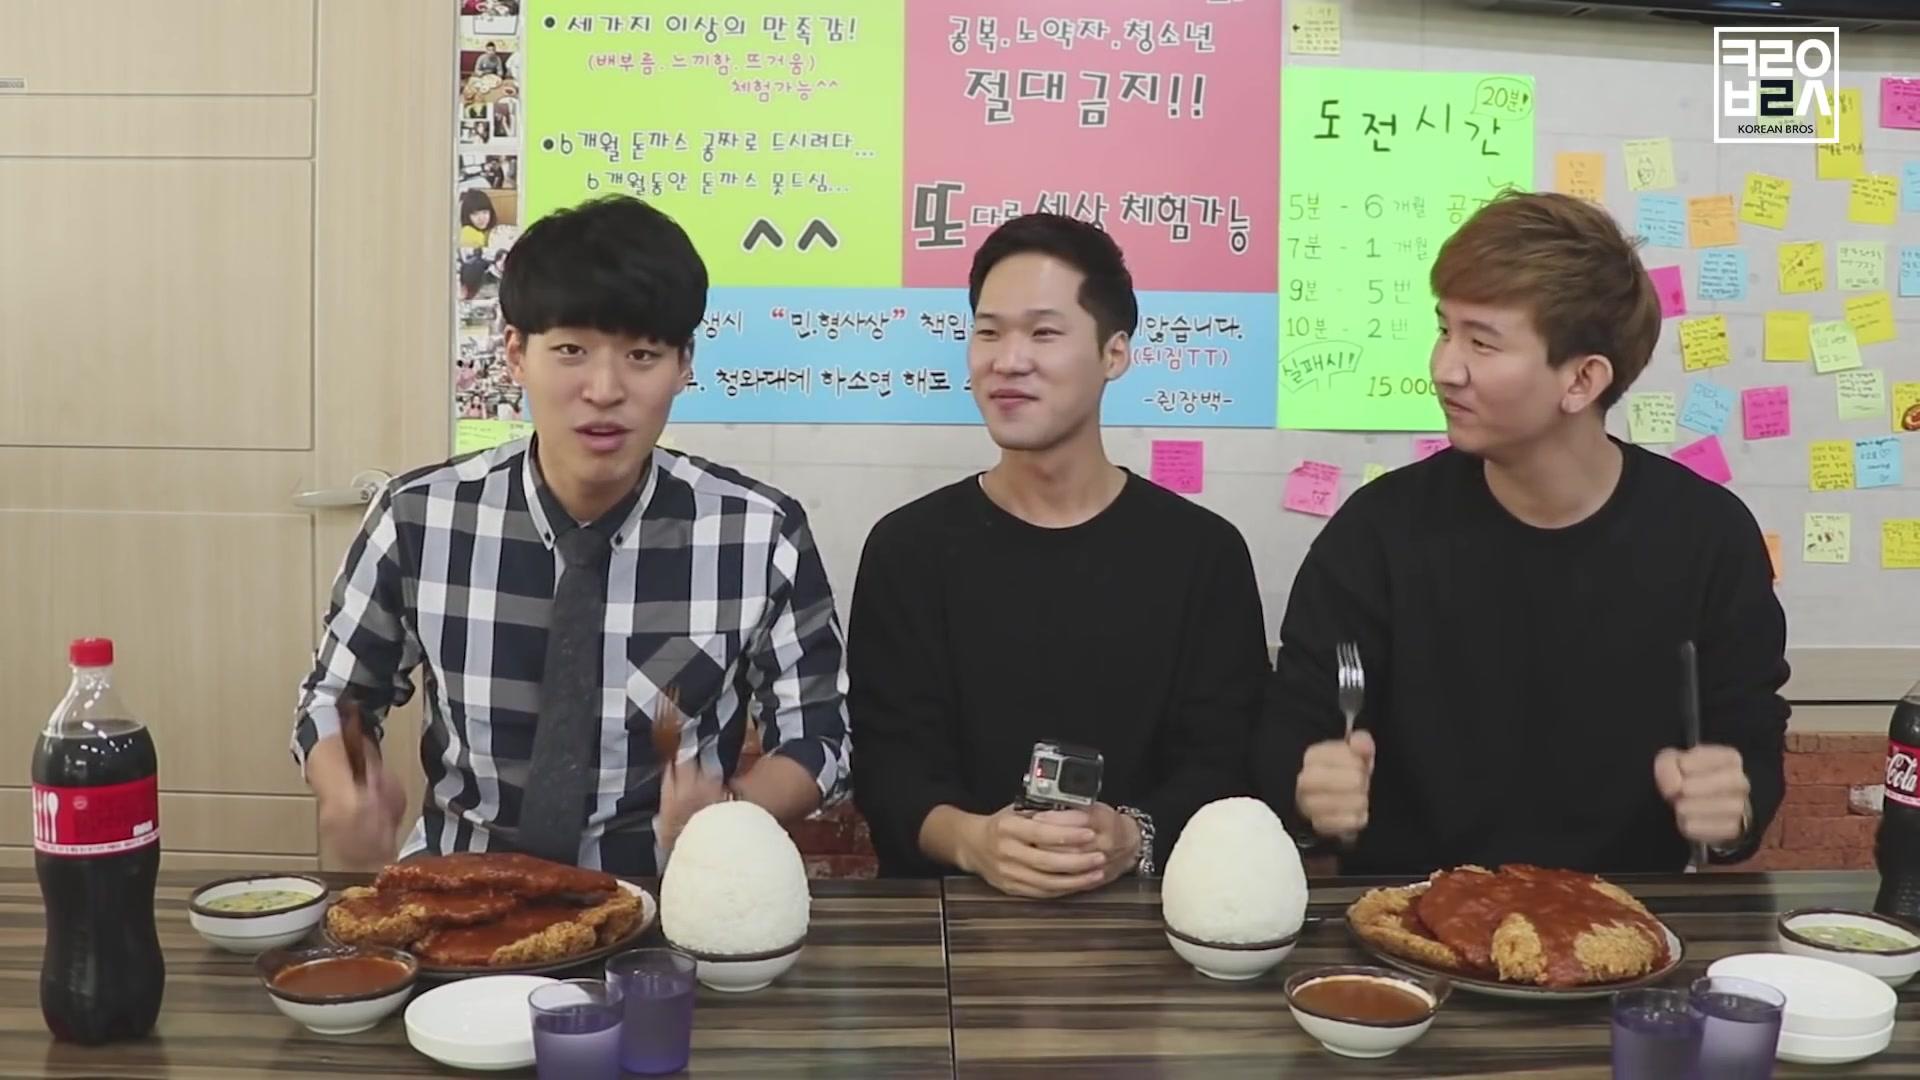 Korean Bros Episode 11: Biggest Tonkatsu Challenge & World Spiciest Pork Cutlet